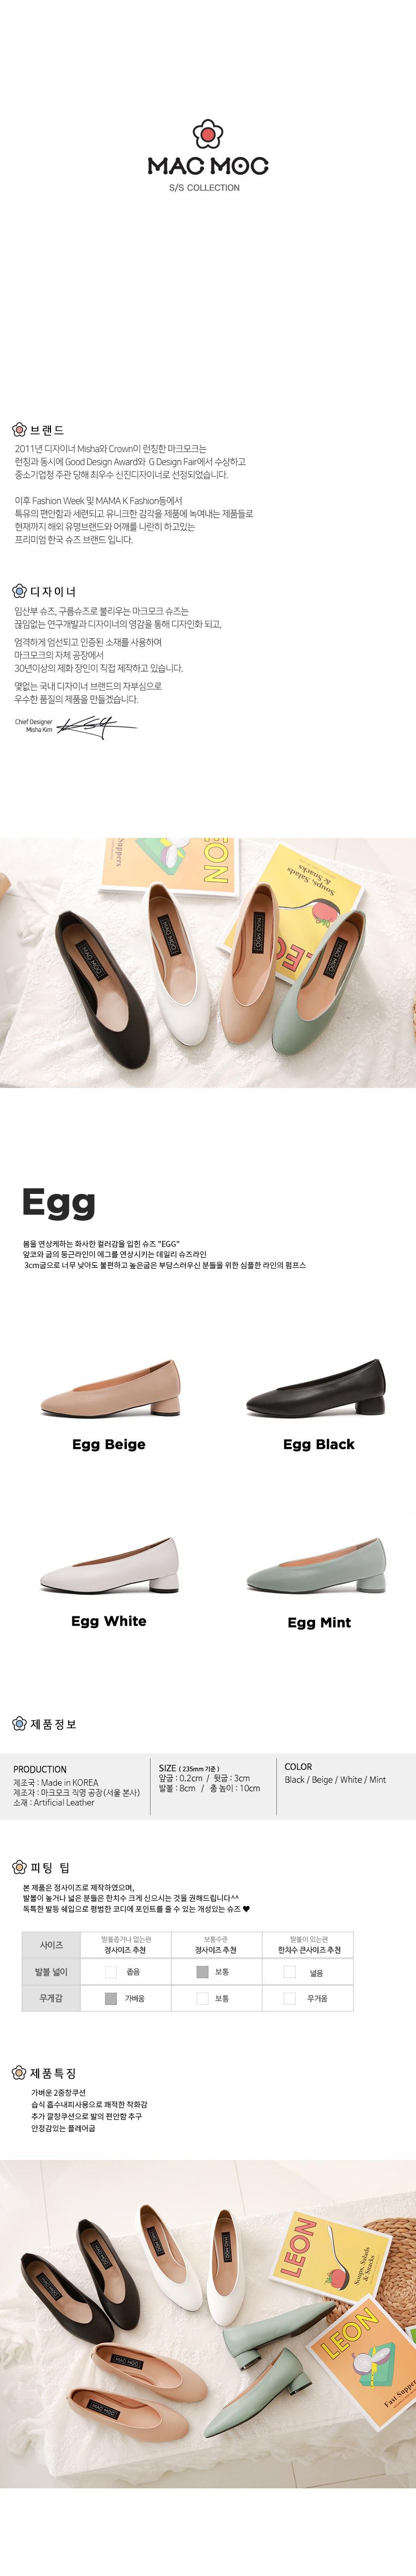 마크모크(MAC MOC) Egg